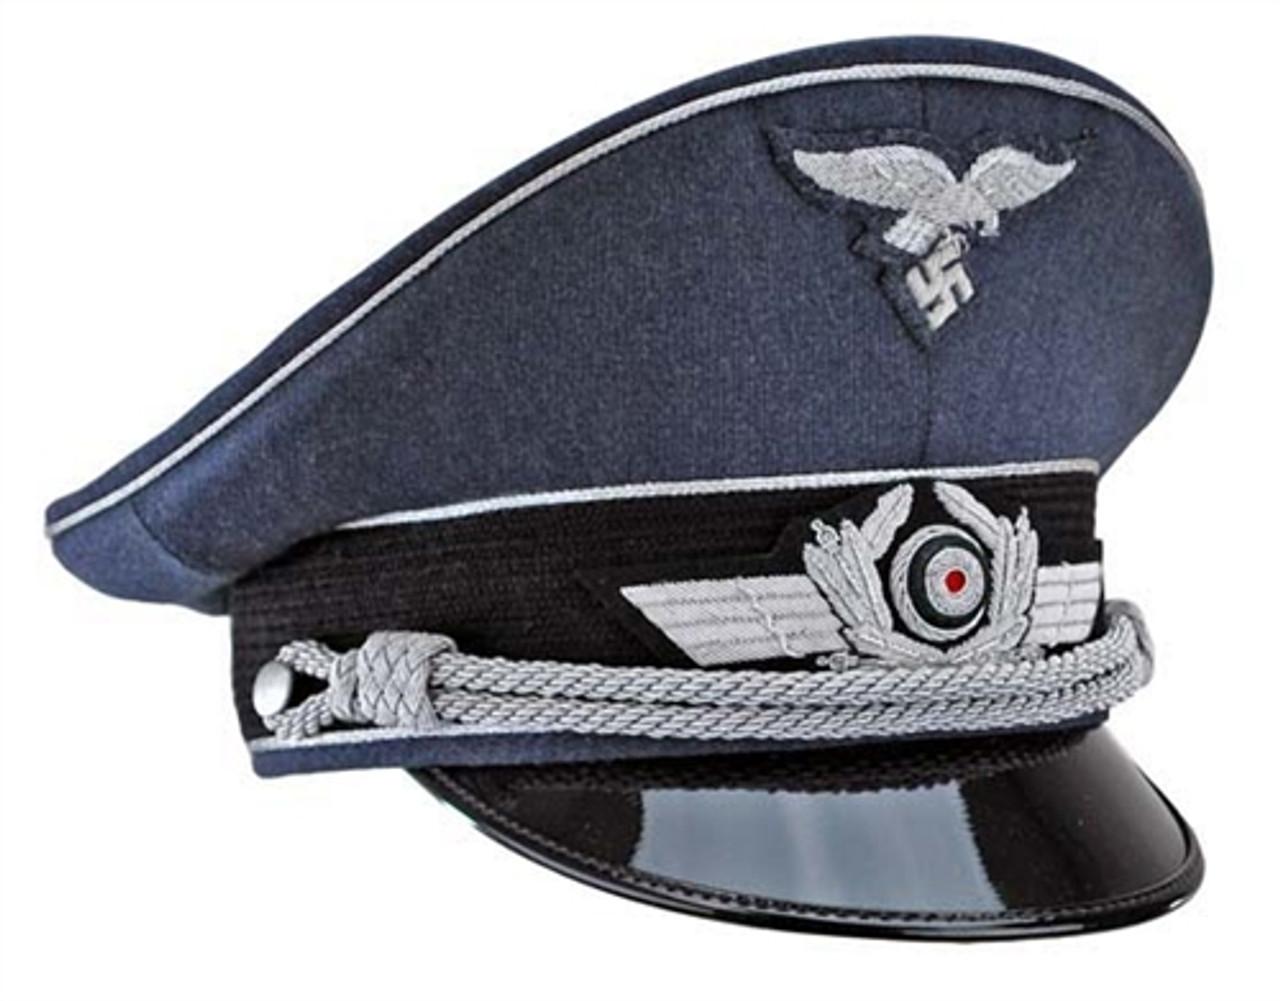 Luftwaffe Officer Visor Cap from Hessen Antique